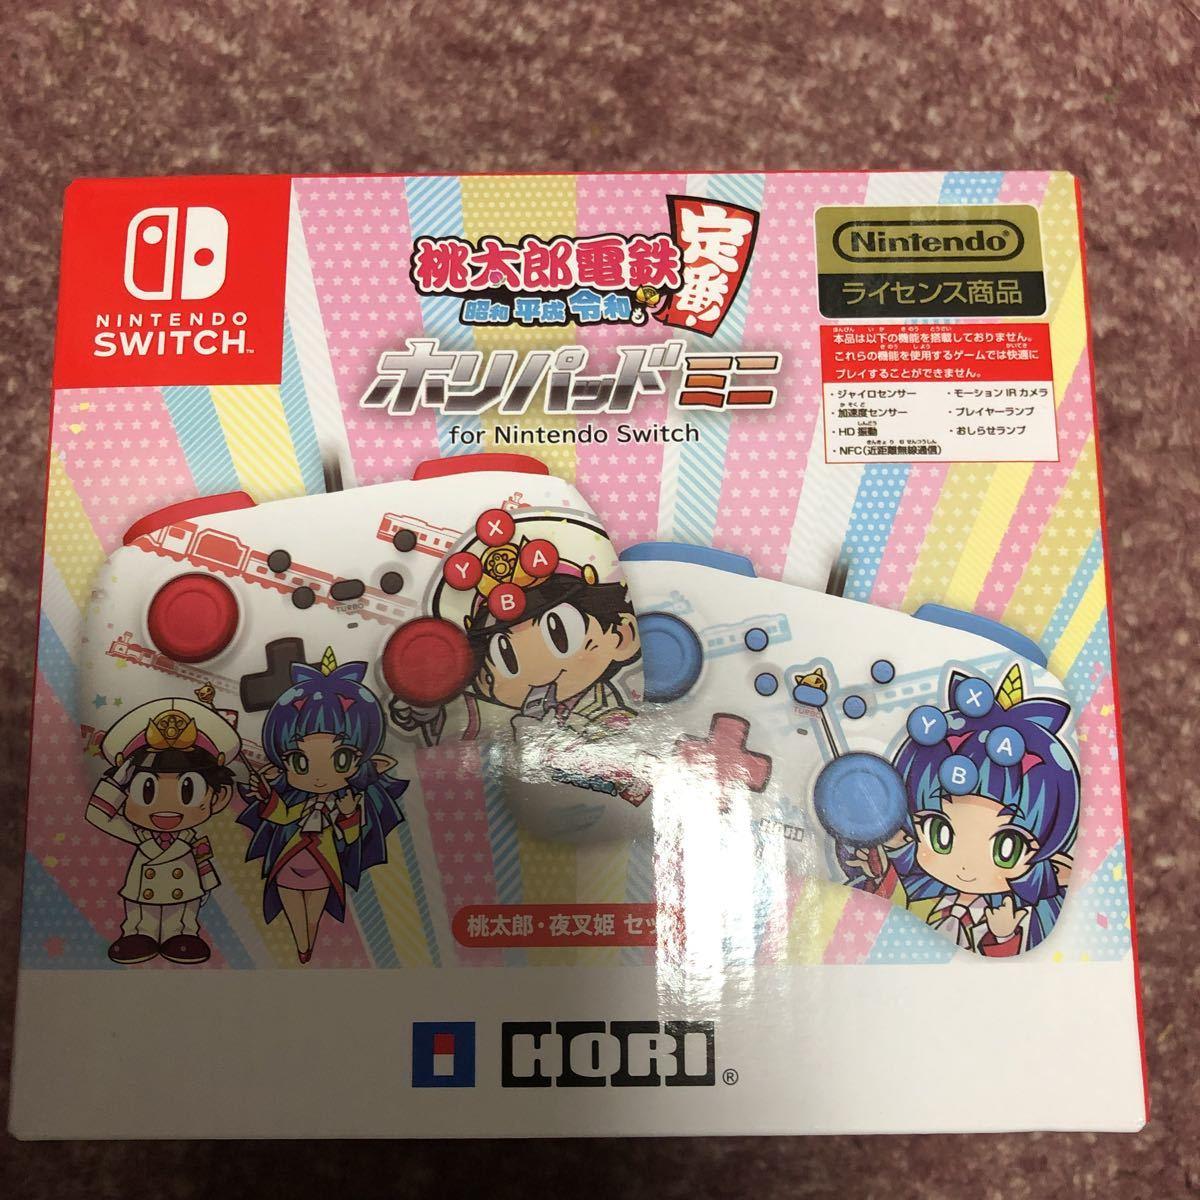 Nintendo Switch 桃鉄 桃太郎電鉄 ホリパットミニ 新品未使用品_画像1